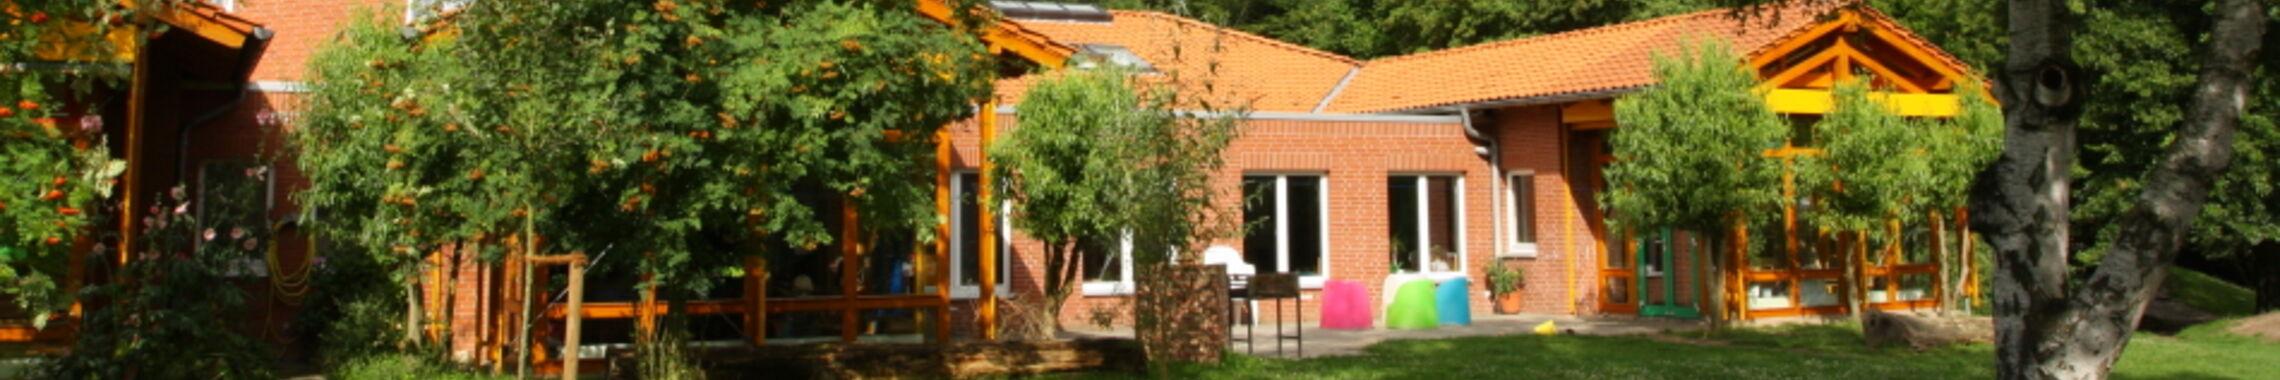 Johannes-Kita Garten